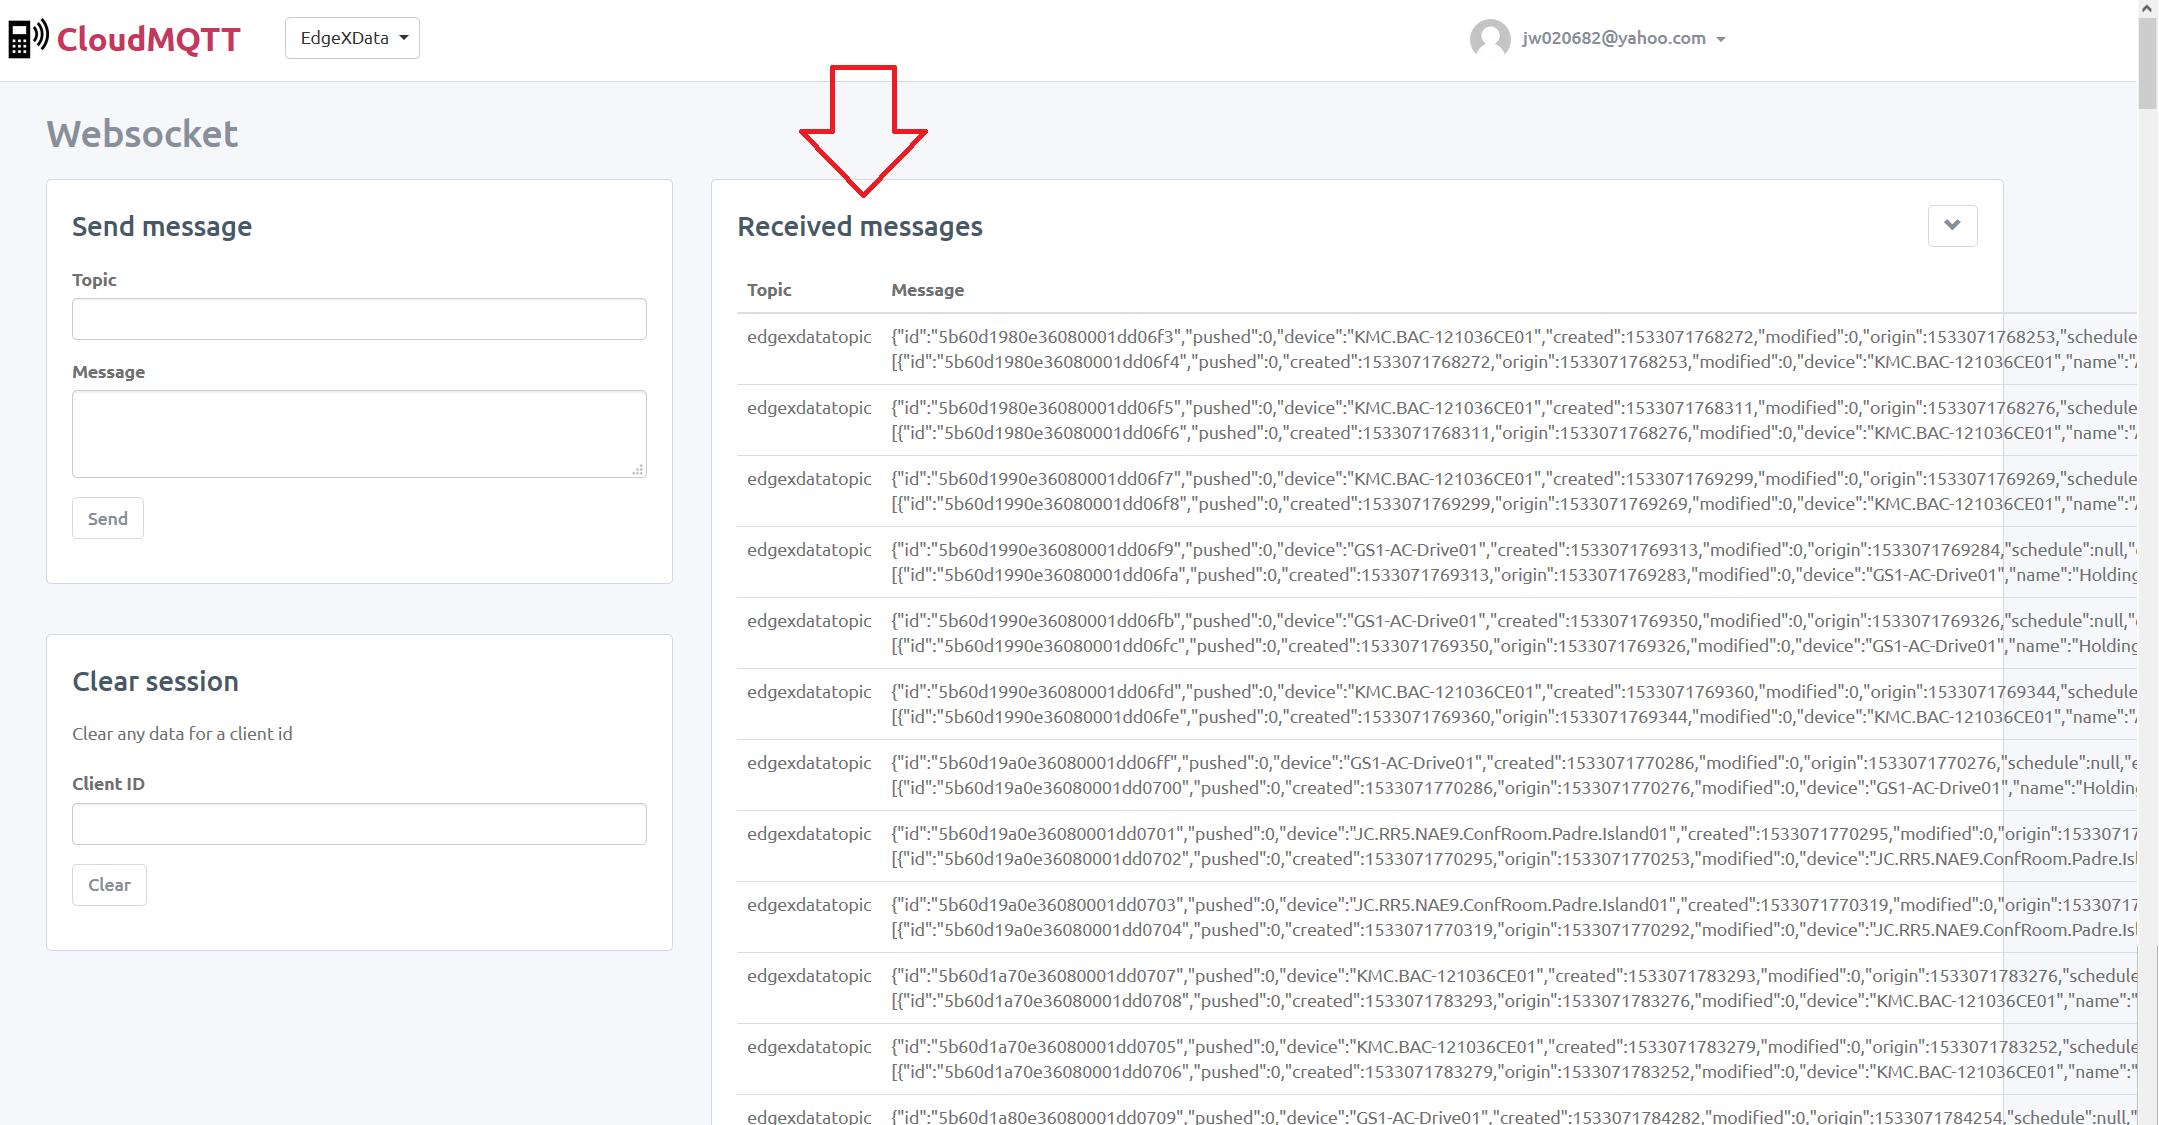 docs/api/Export-CloudMQTTMessagesReceived.png